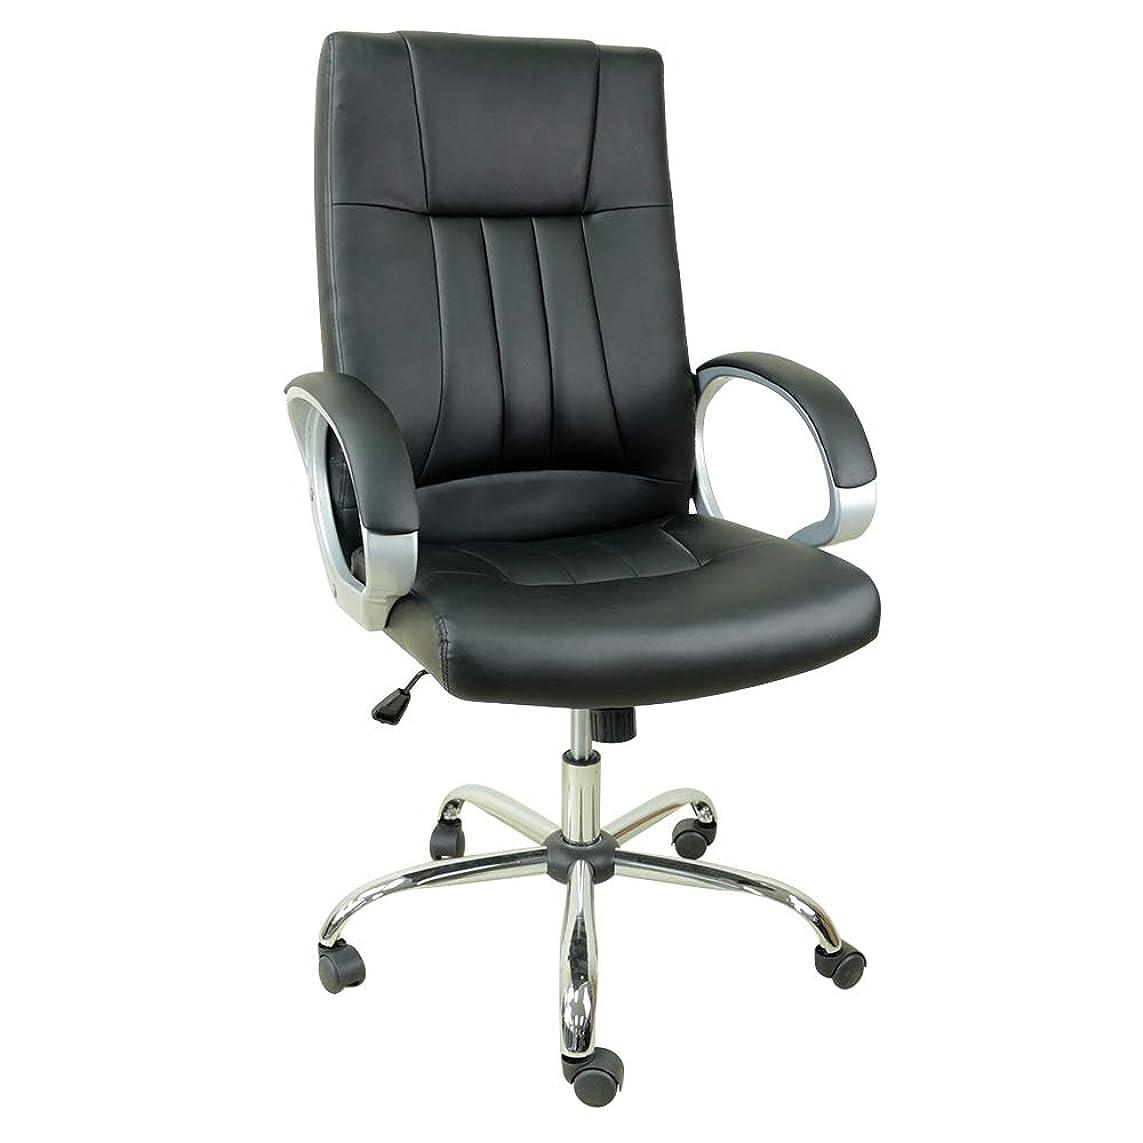 凝縮するショッピングセンターエスニックオフィスチェア デスクチェア 肘掛付き 耐荷重150kg パソコンチェア 高さ昇降 ハイバック 椅子 リクライニング 革 チェア 腰痛対策 多機能 事務椅子 肉厚クッション OAチェア ブラック SY-8031BK